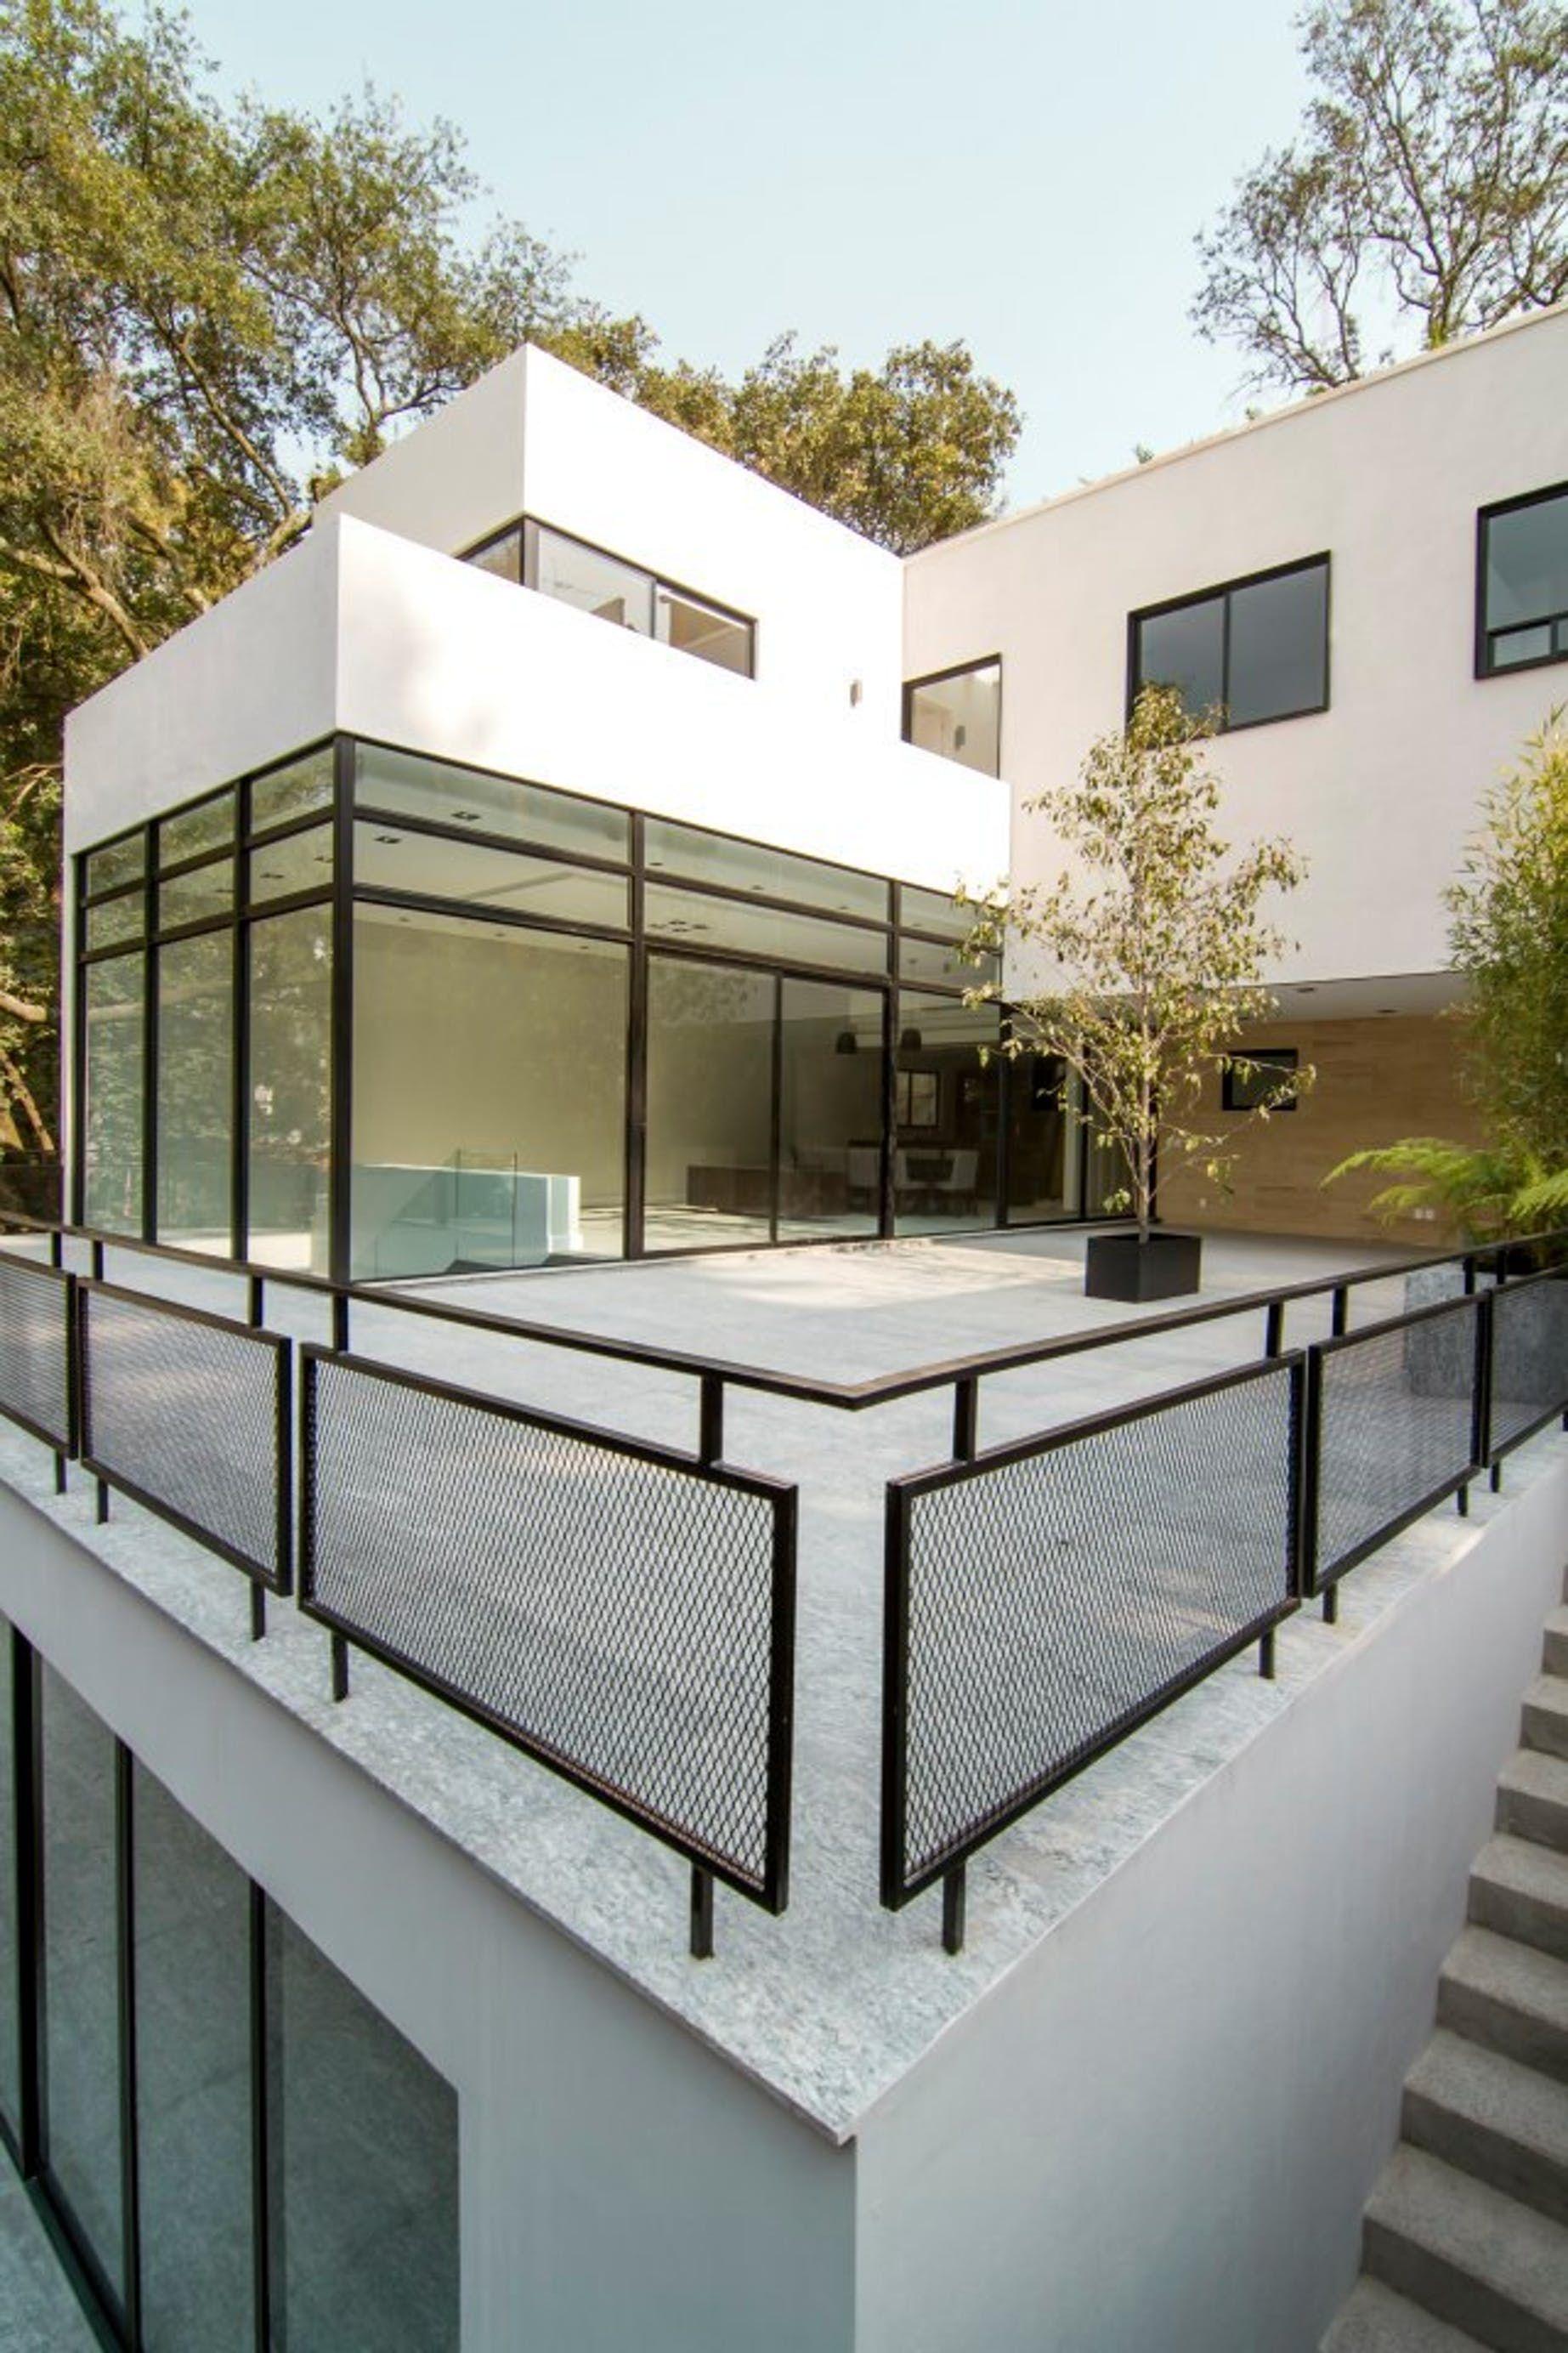 Canterburry Sobrado Ugalde Arquitectos Archinect Balcony Grill Design Balcony Railing Design Railing Design